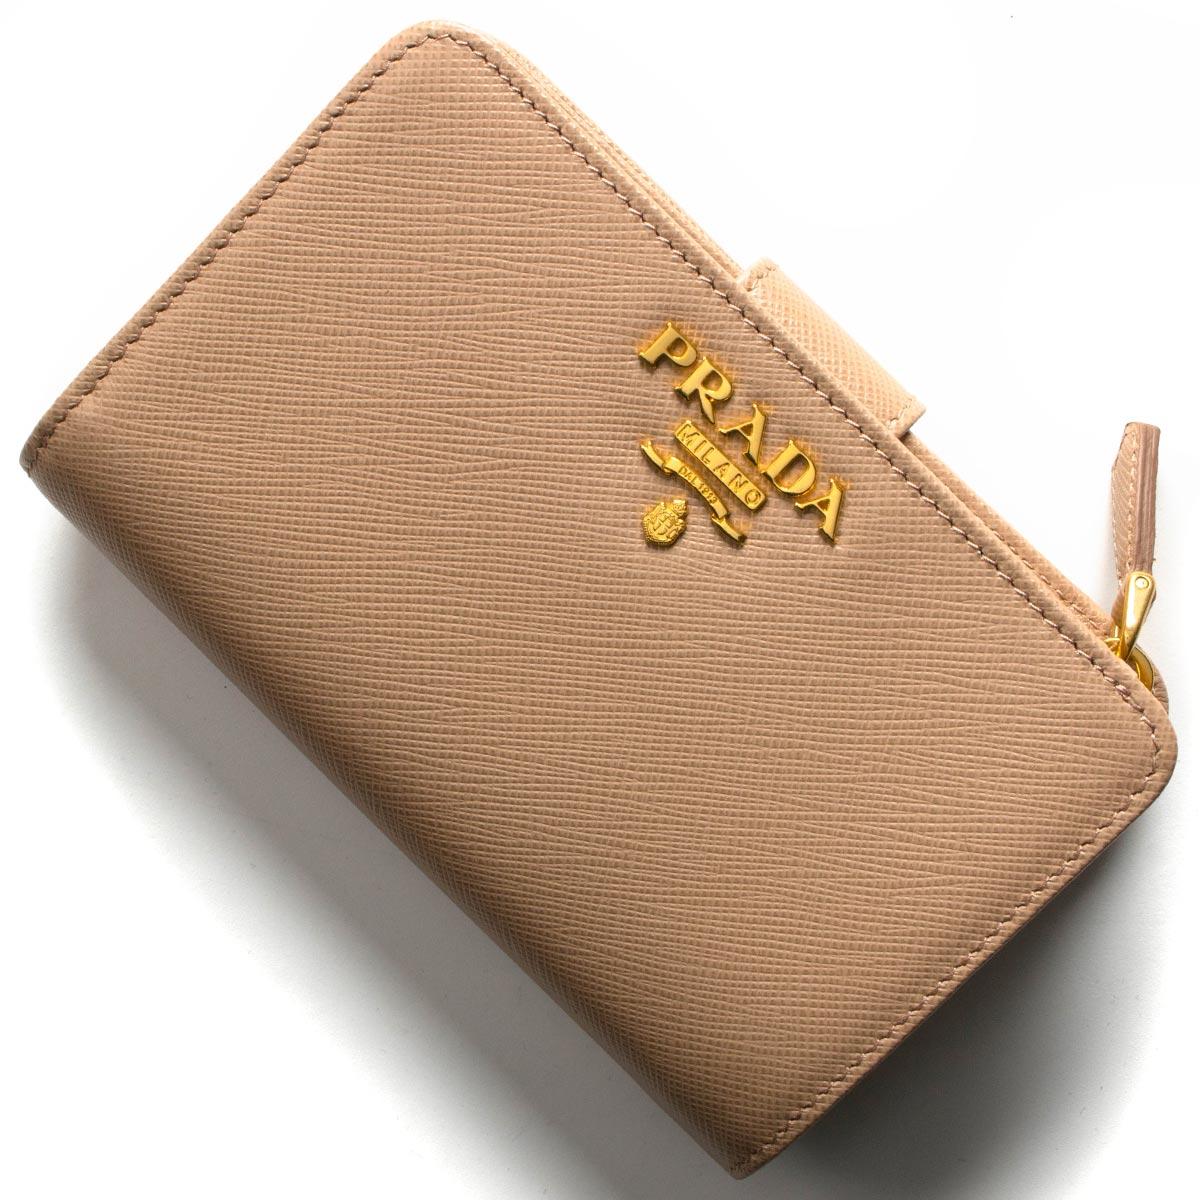 プラダ 二つ折り財布 財布 レディース サフィアーノ メタル チプリアピンクページュ 1ML225 QWA F0236 2019年春夏新作 PRADA